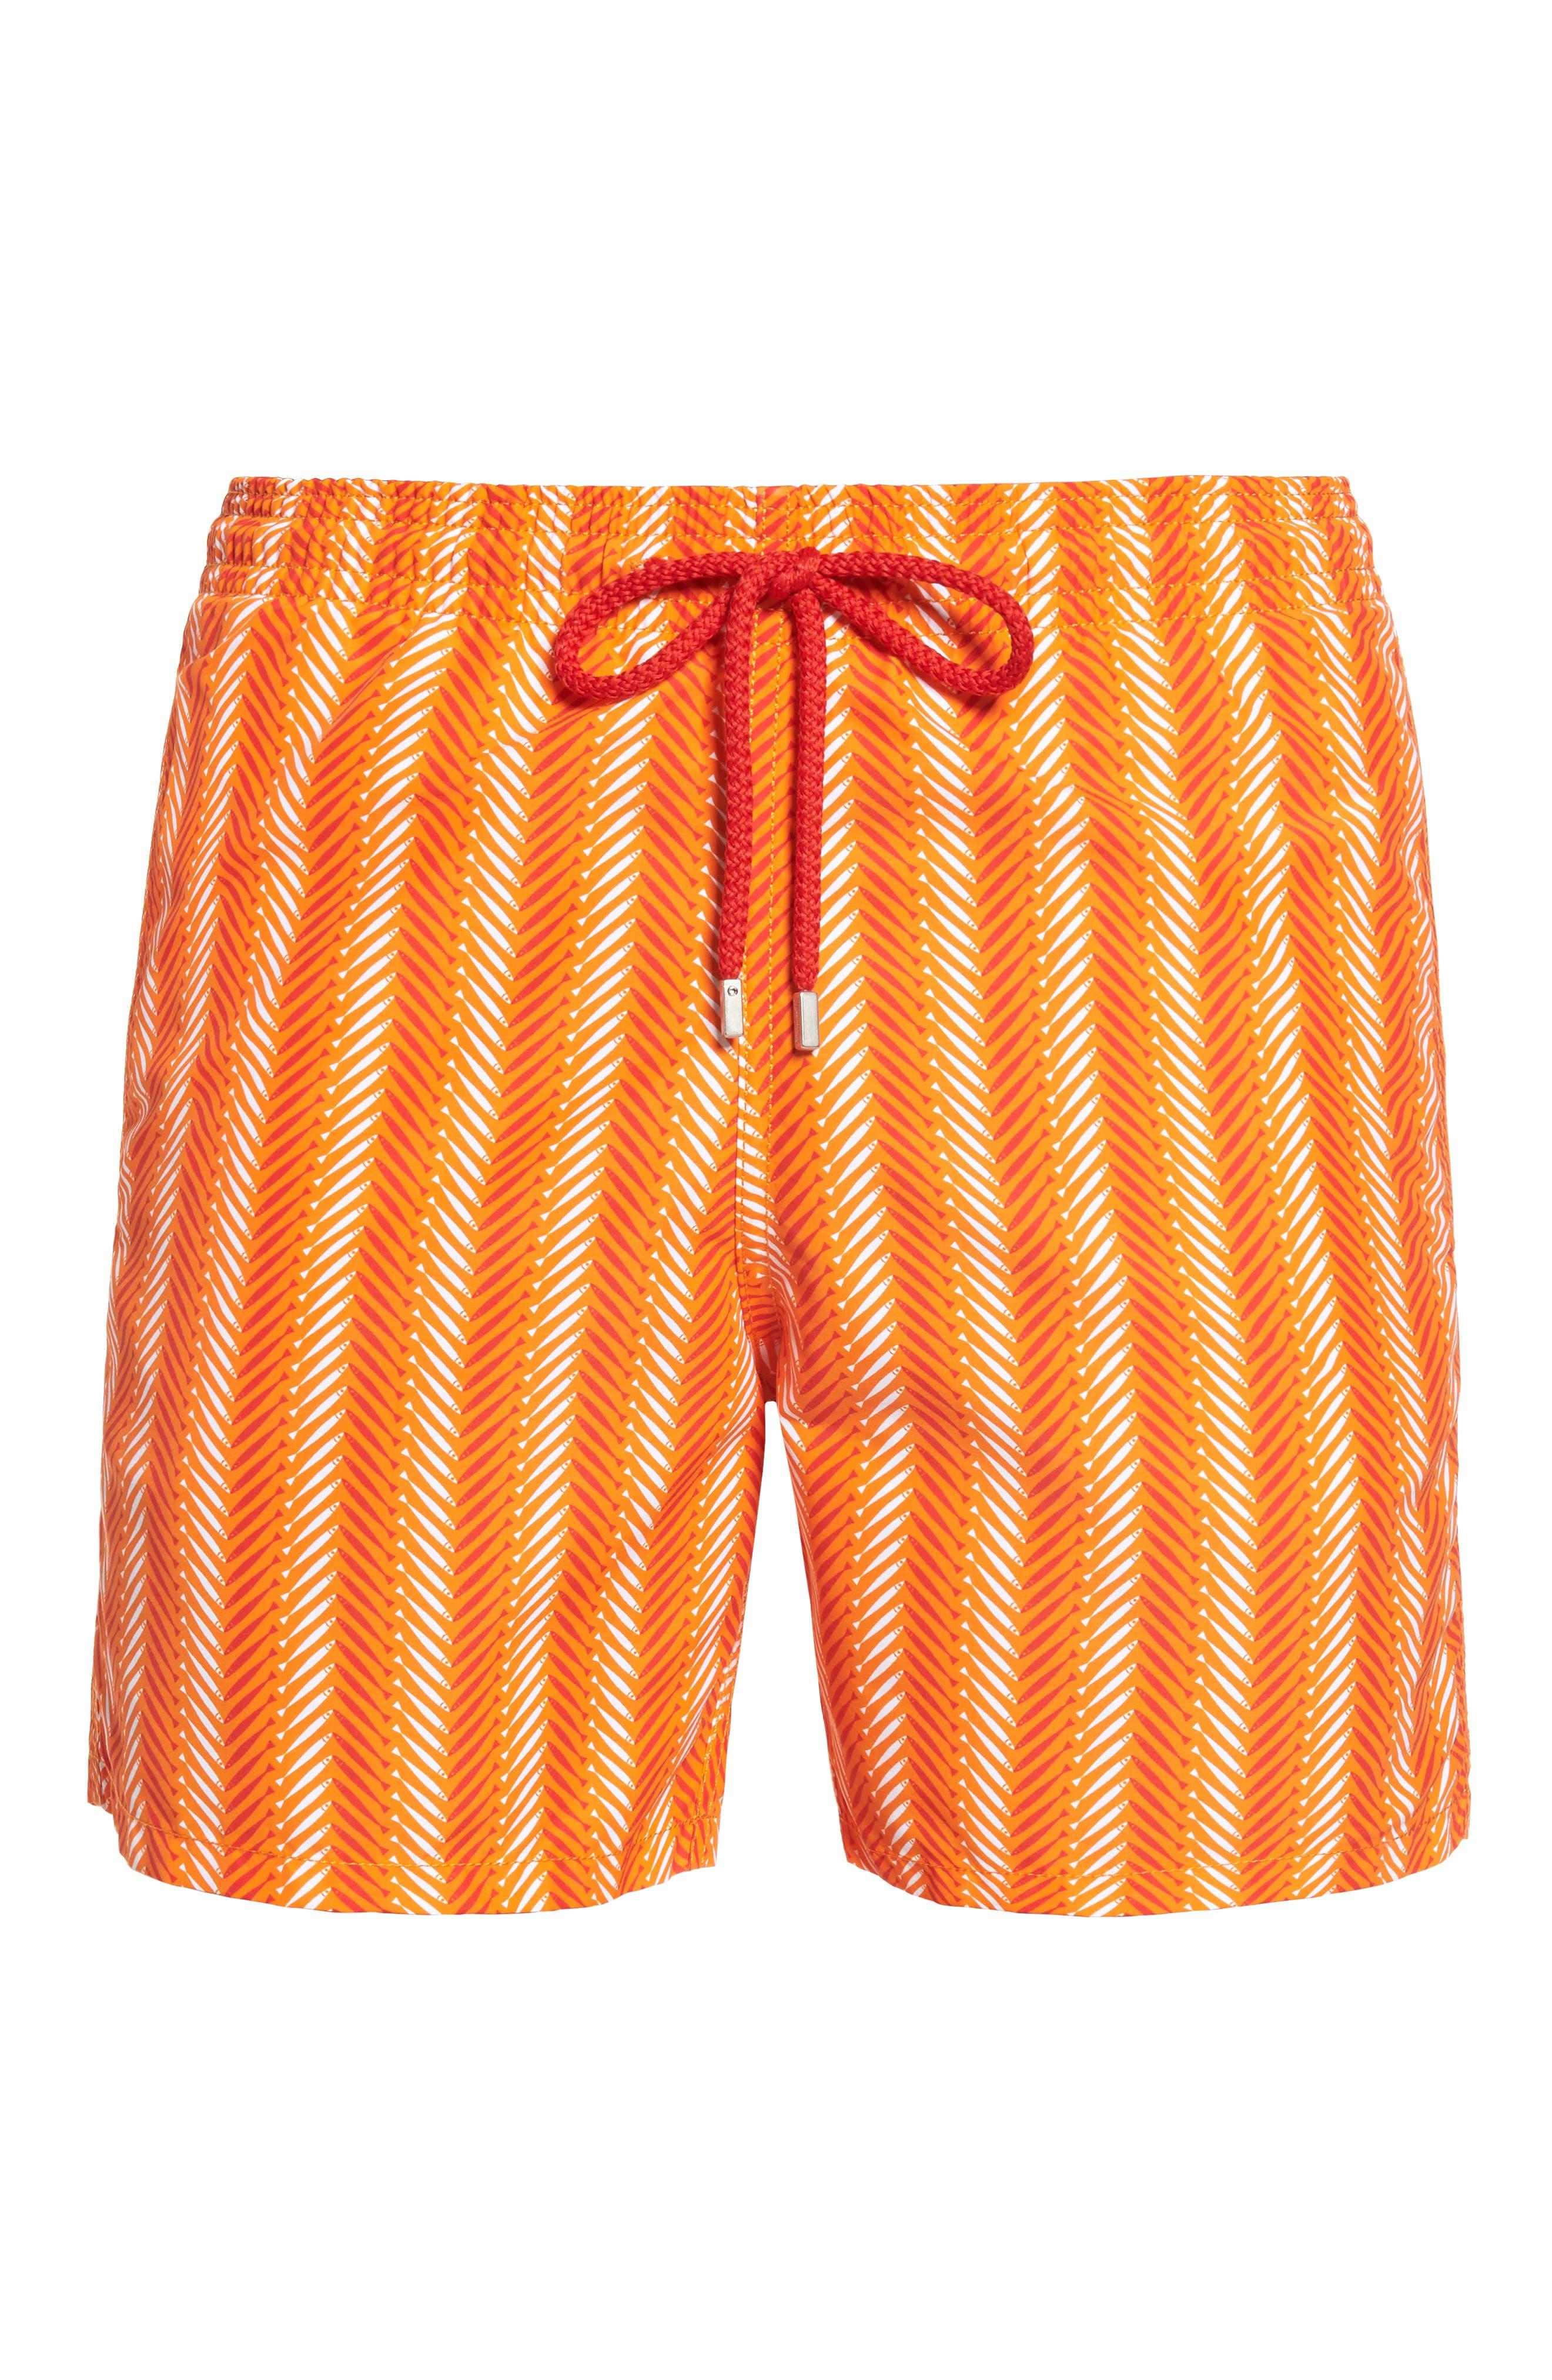 Moorea V-Fish Print Swim Trunks,                             Alternate thumbnail 6, color,                             Papaya